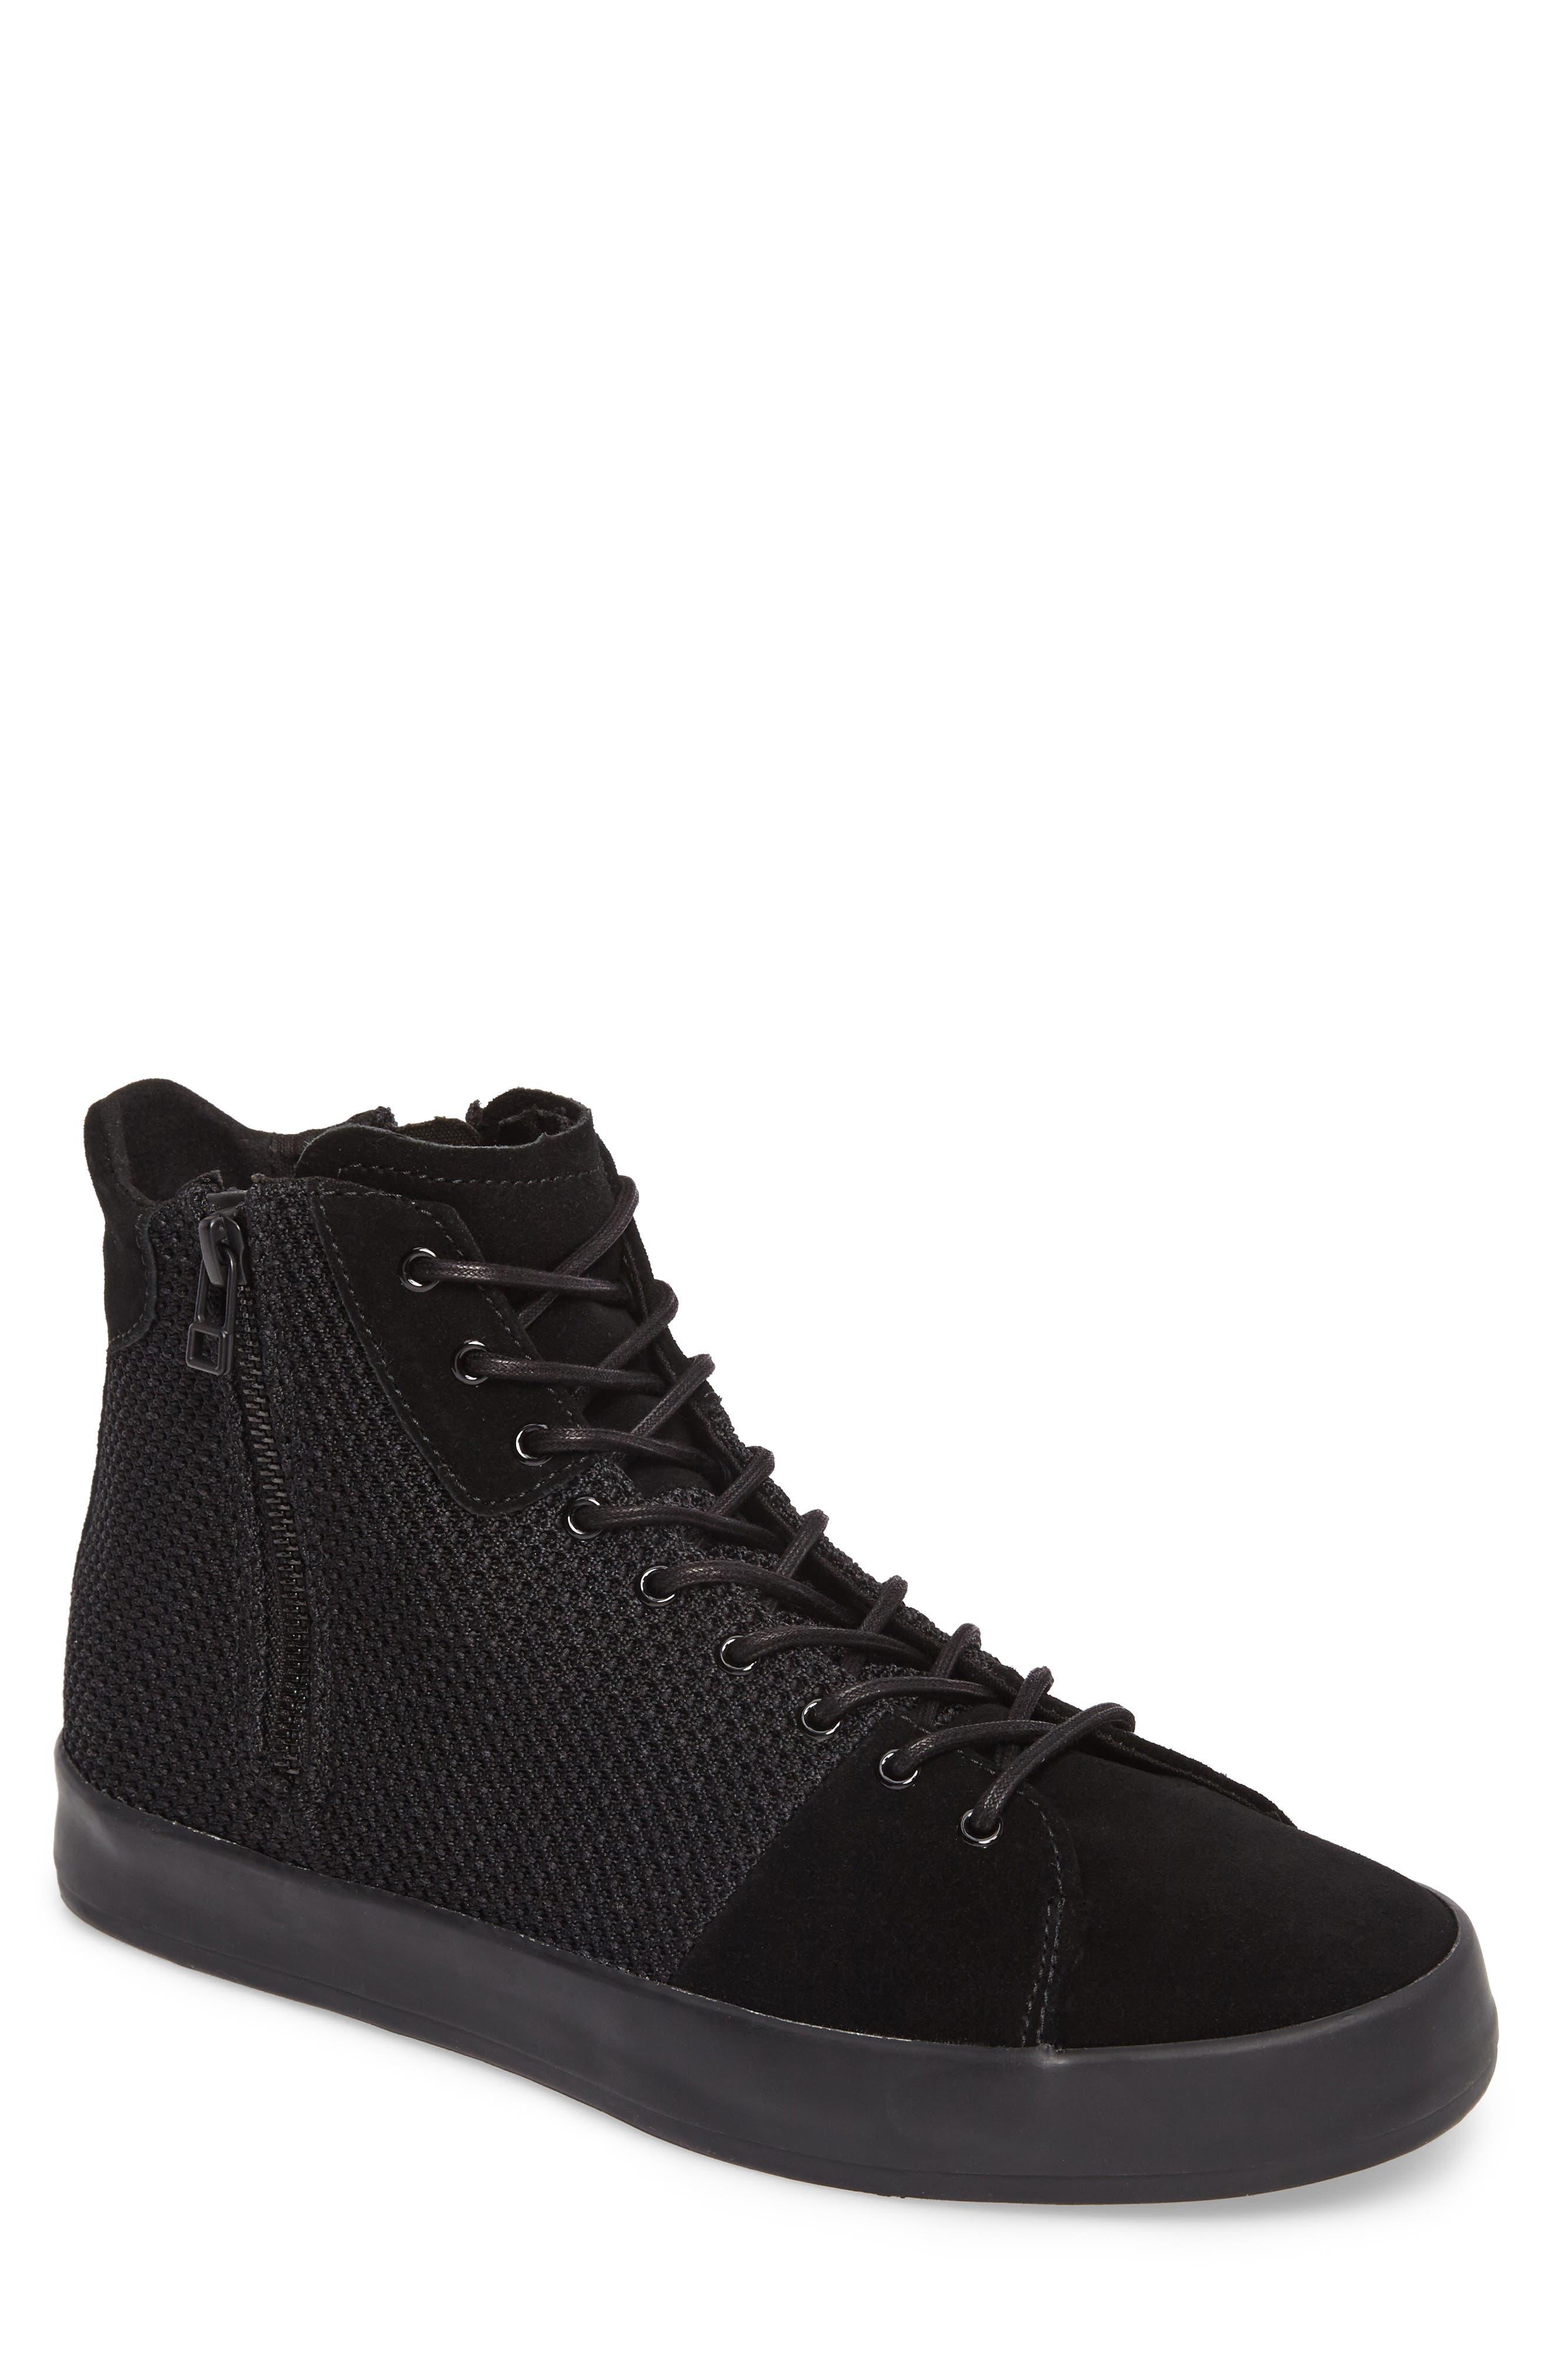 Carda Hi Sneaker,                             Main thumbnail 1, color,                             003